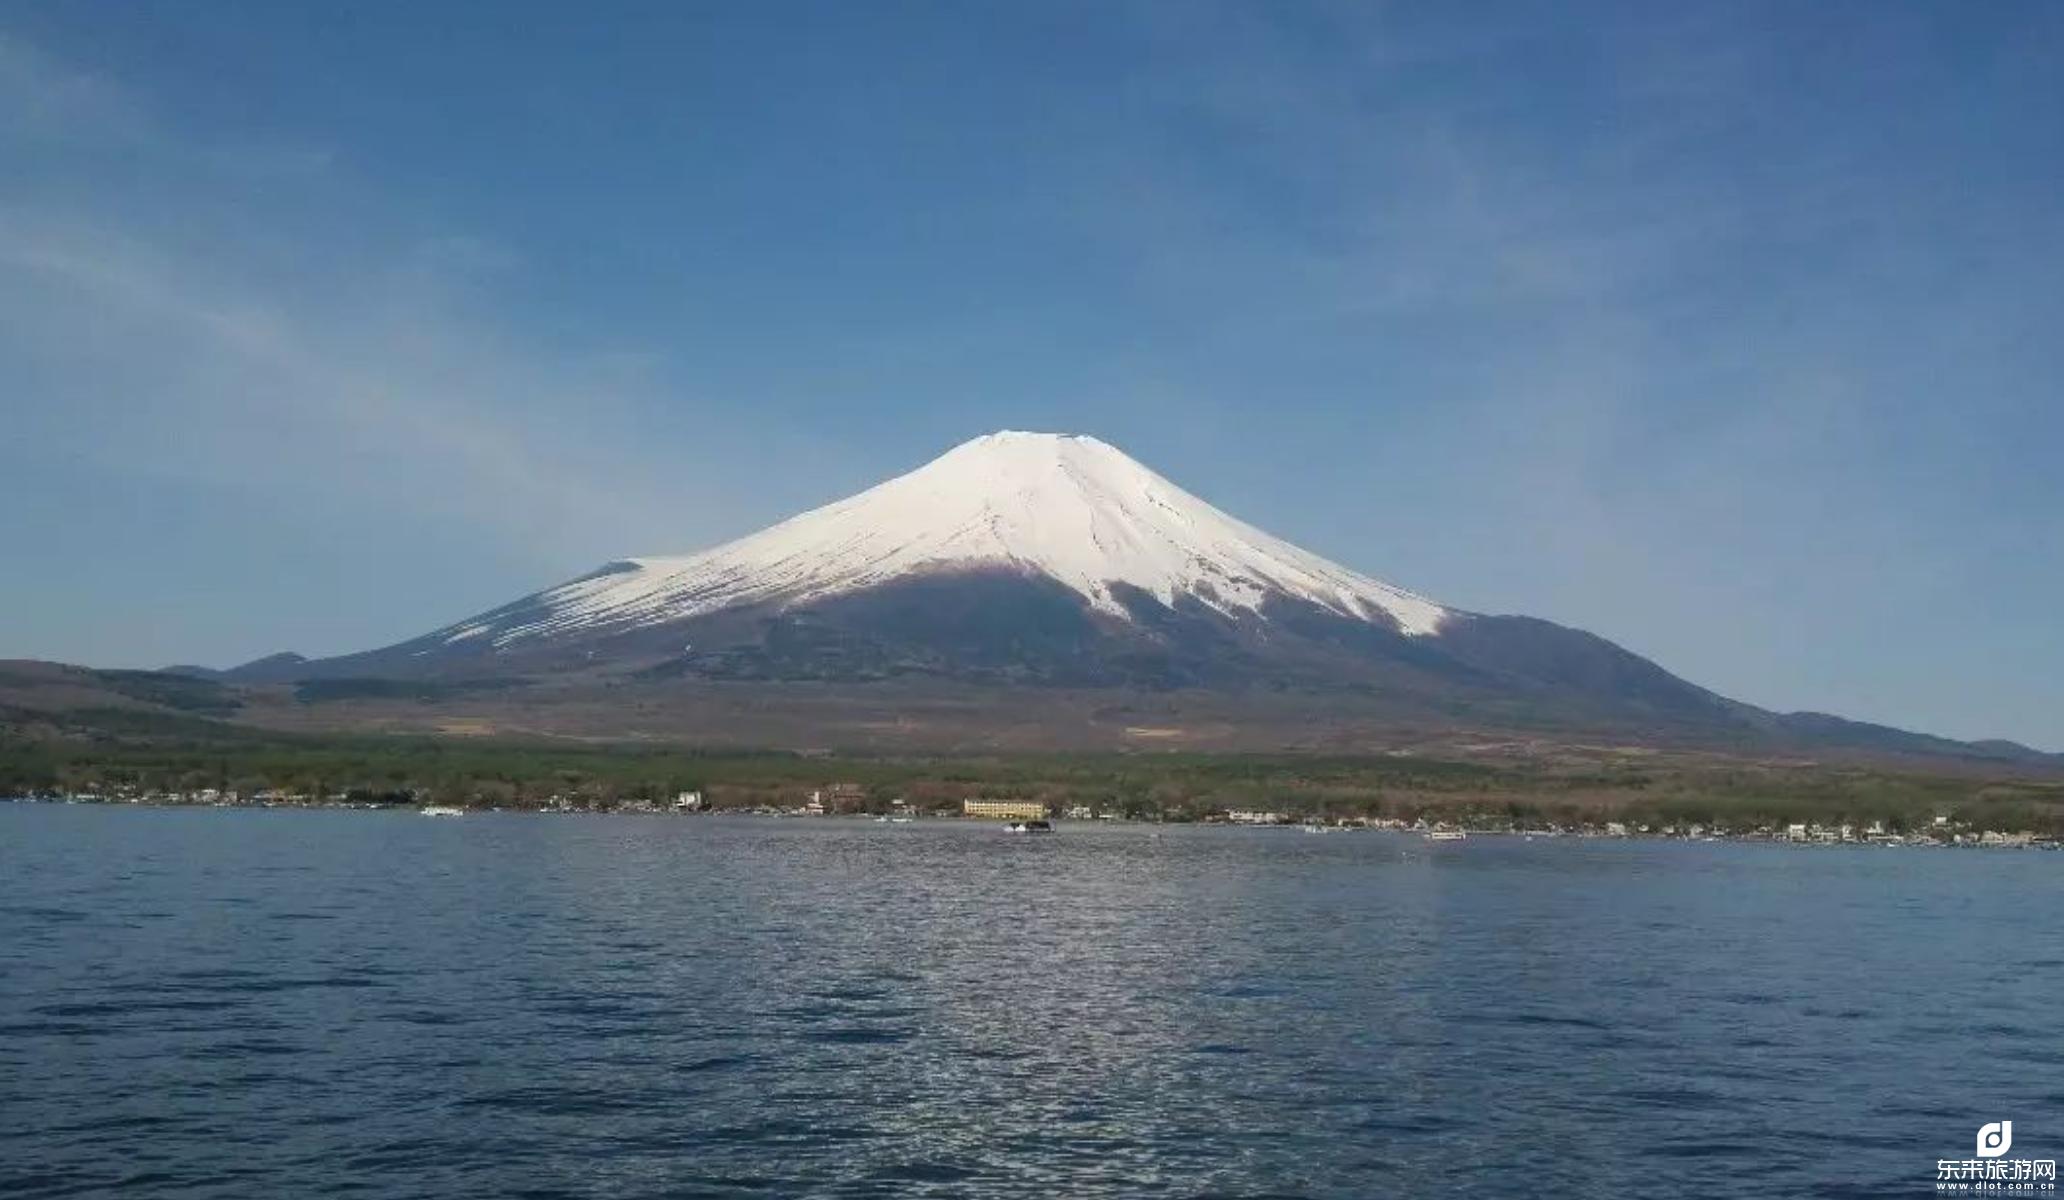 日本东京、箱根、京都、大阪、名古屋7日亲子三乐园